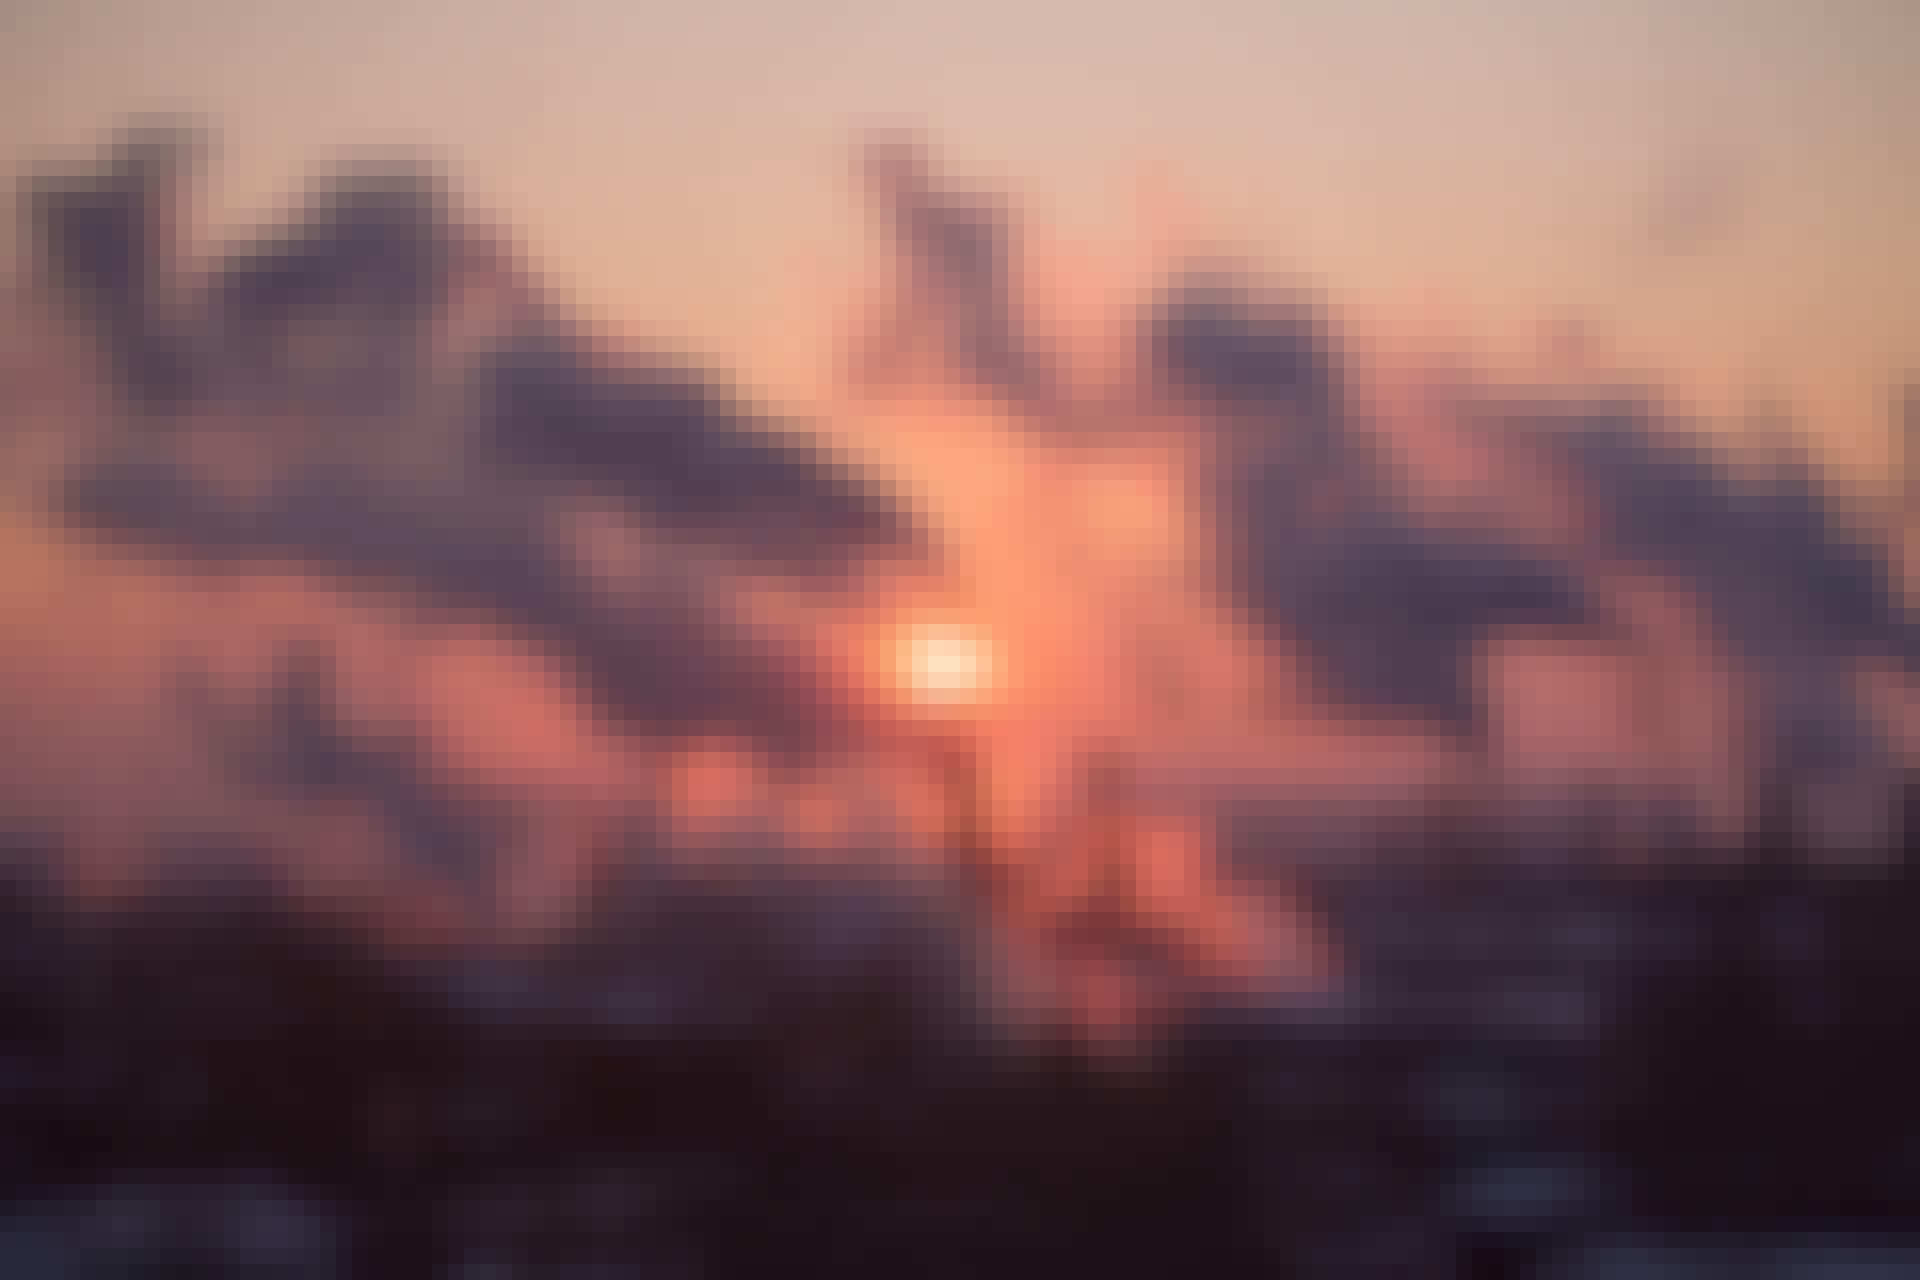 Hvad udleder mest CO2